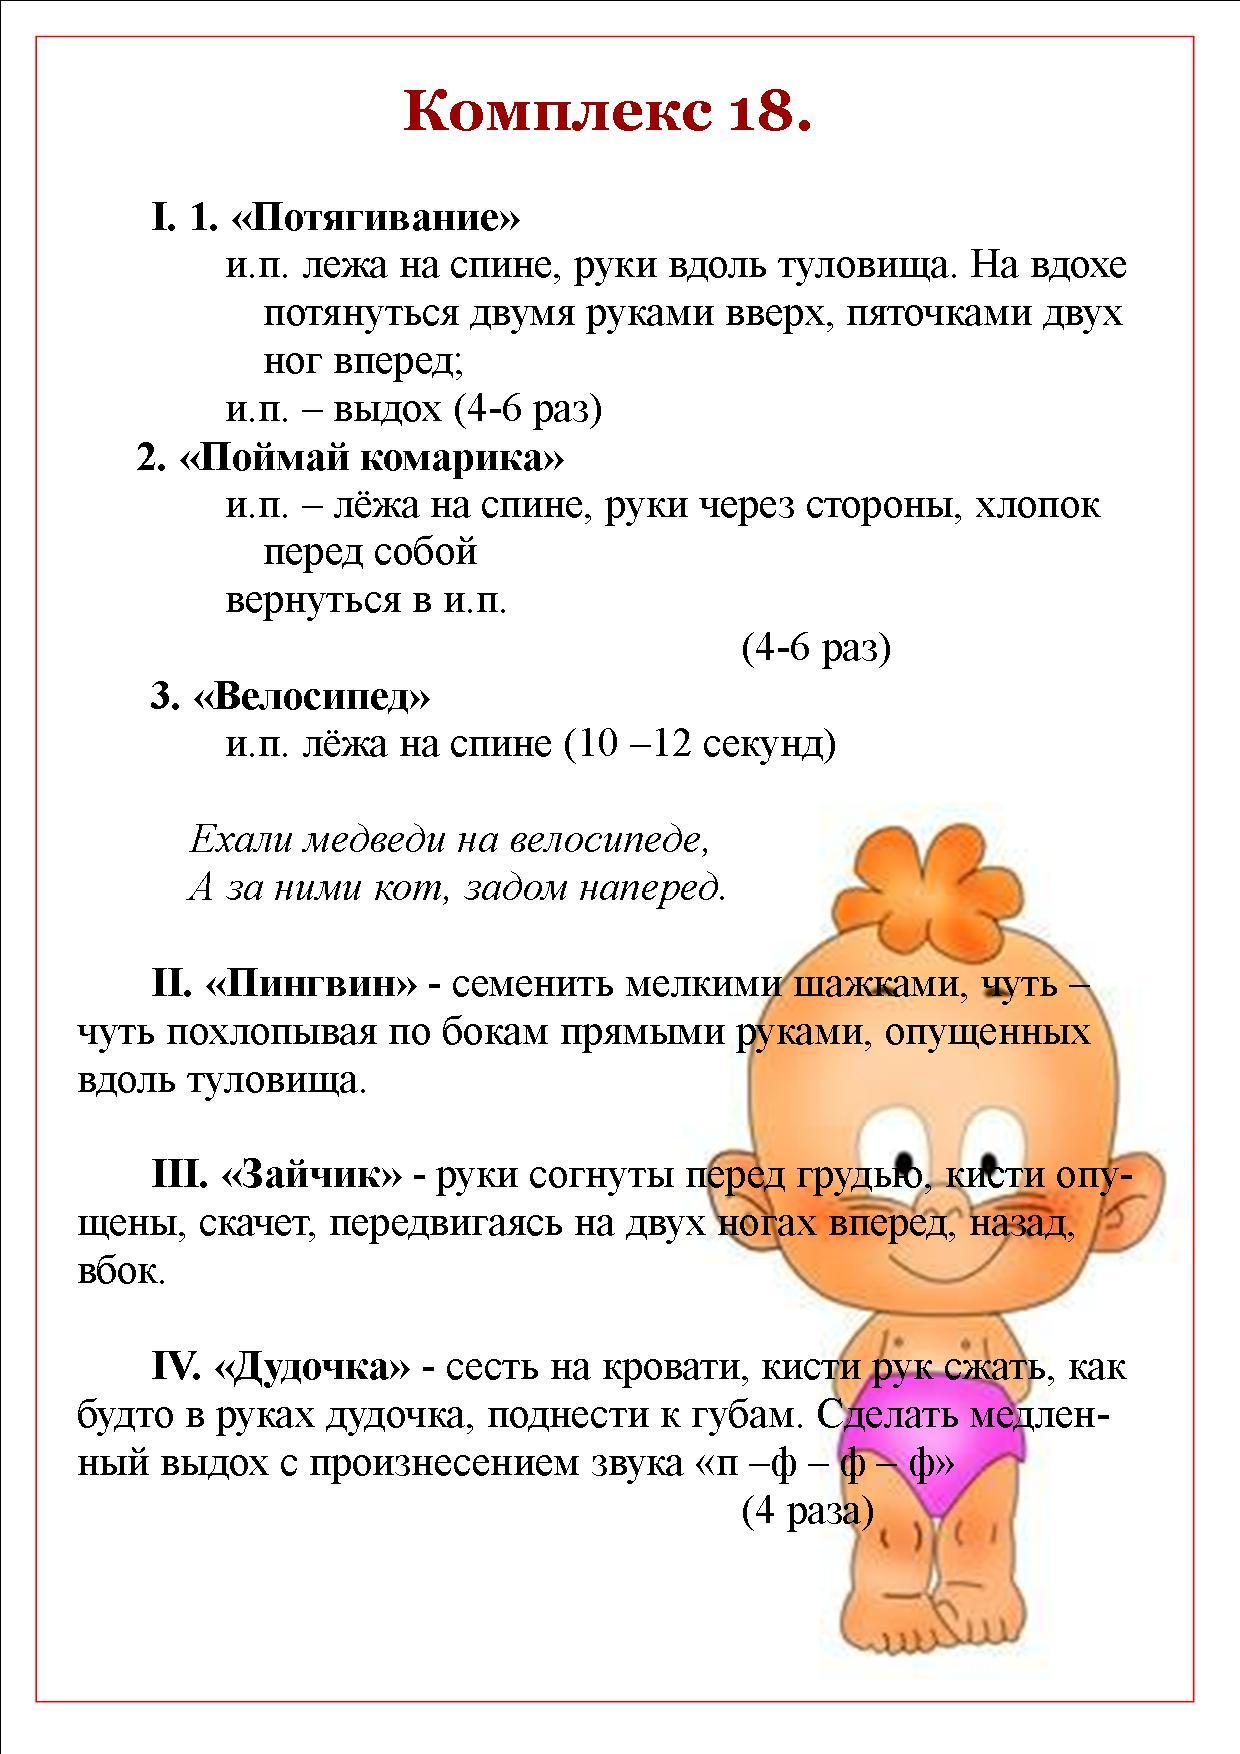 hello_html_m536648fb.jpg